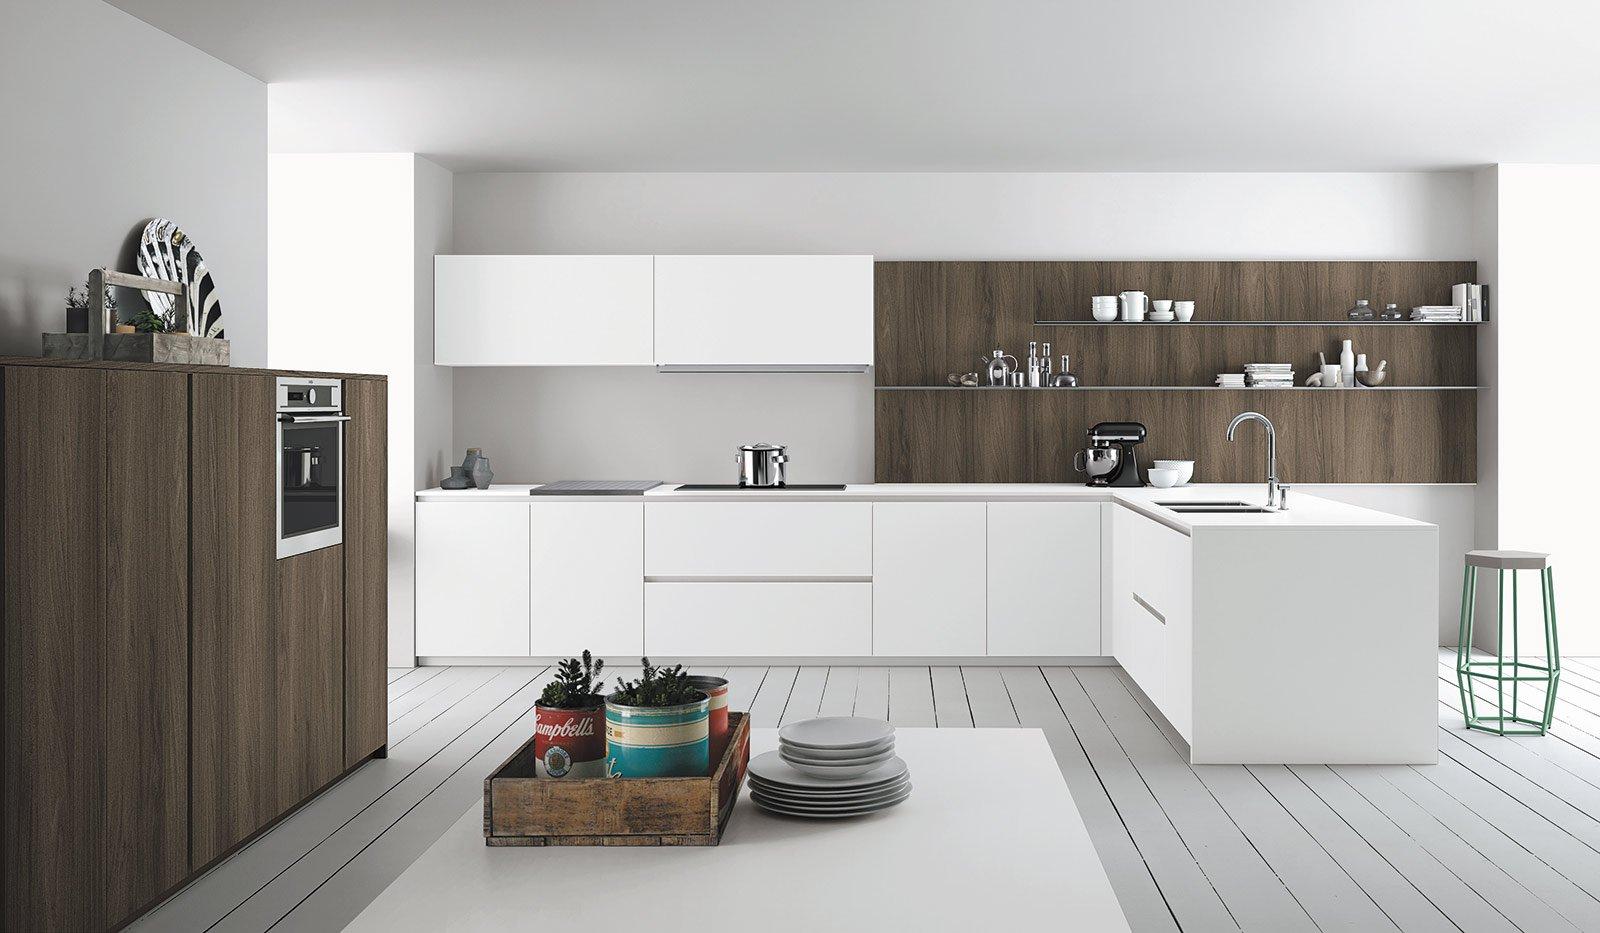 Cucine Moderne Laccate Lucide Bianche : Cucine bianche moderne cose di casa